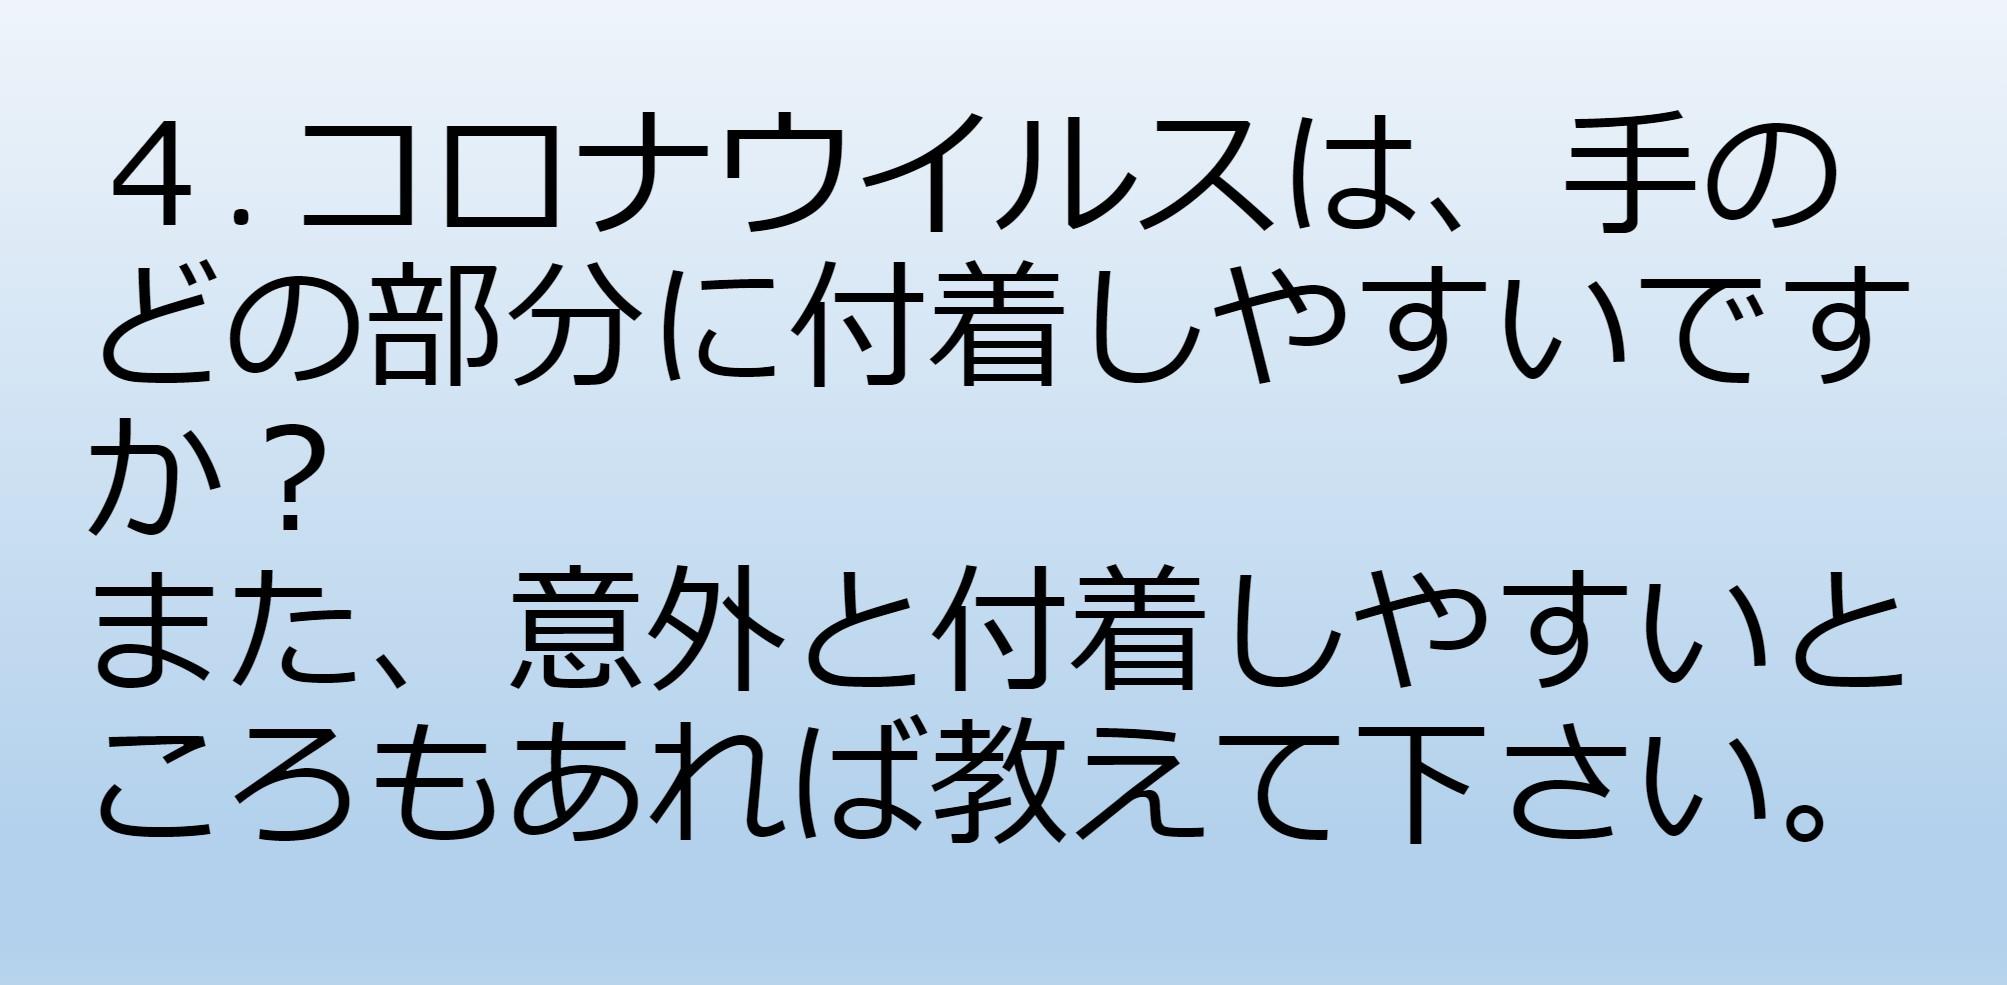 スクリーンショット (25).jpg